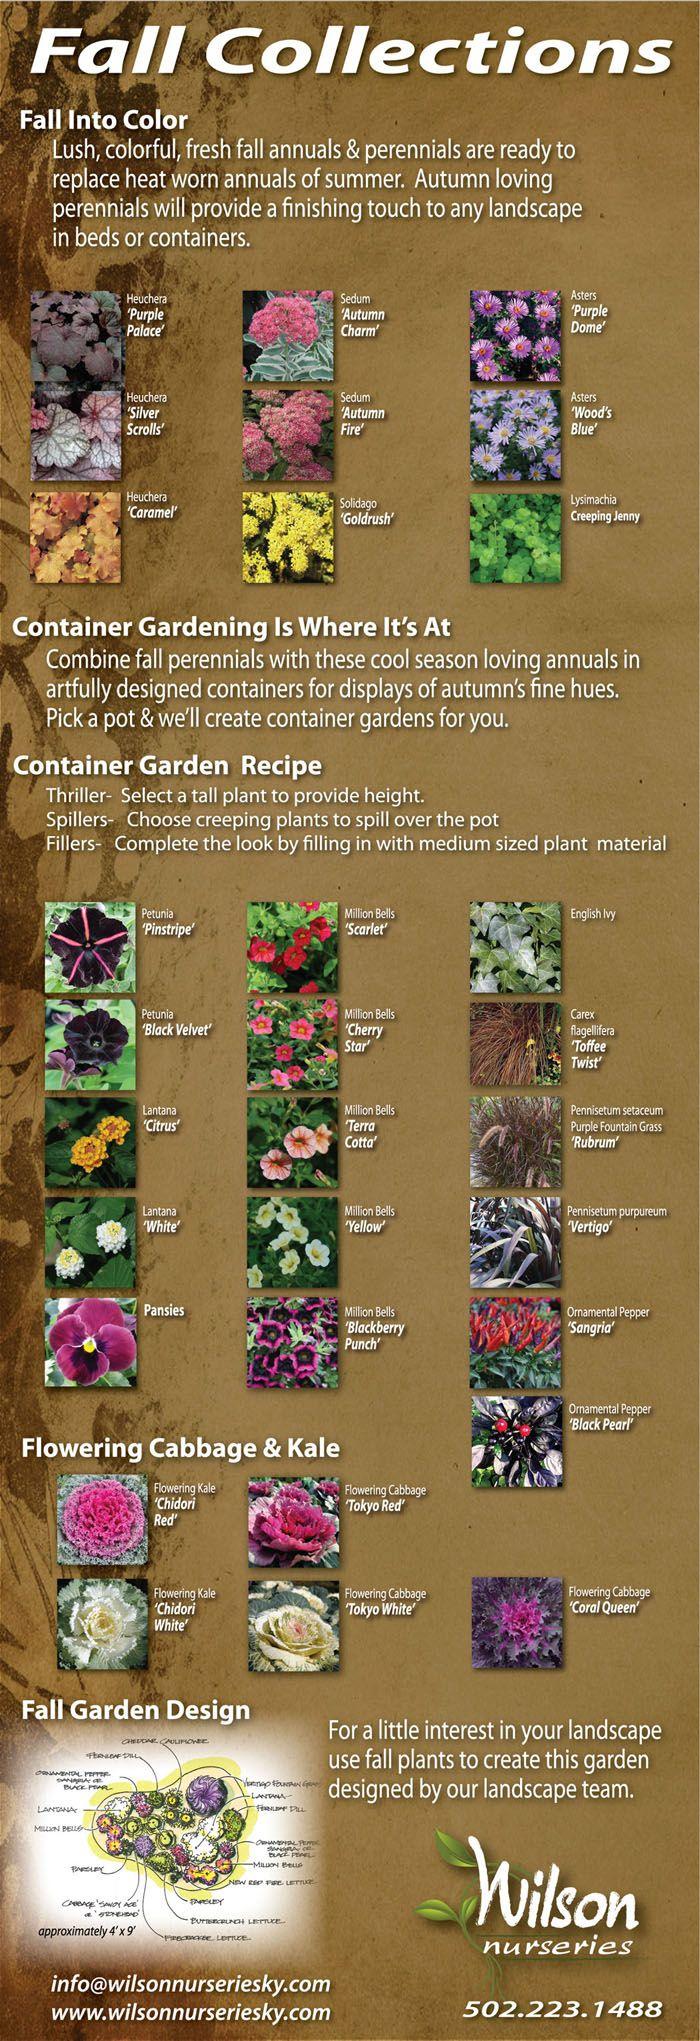 Best 765 garden education images on Pinterest   Gardening, Vegetable ...